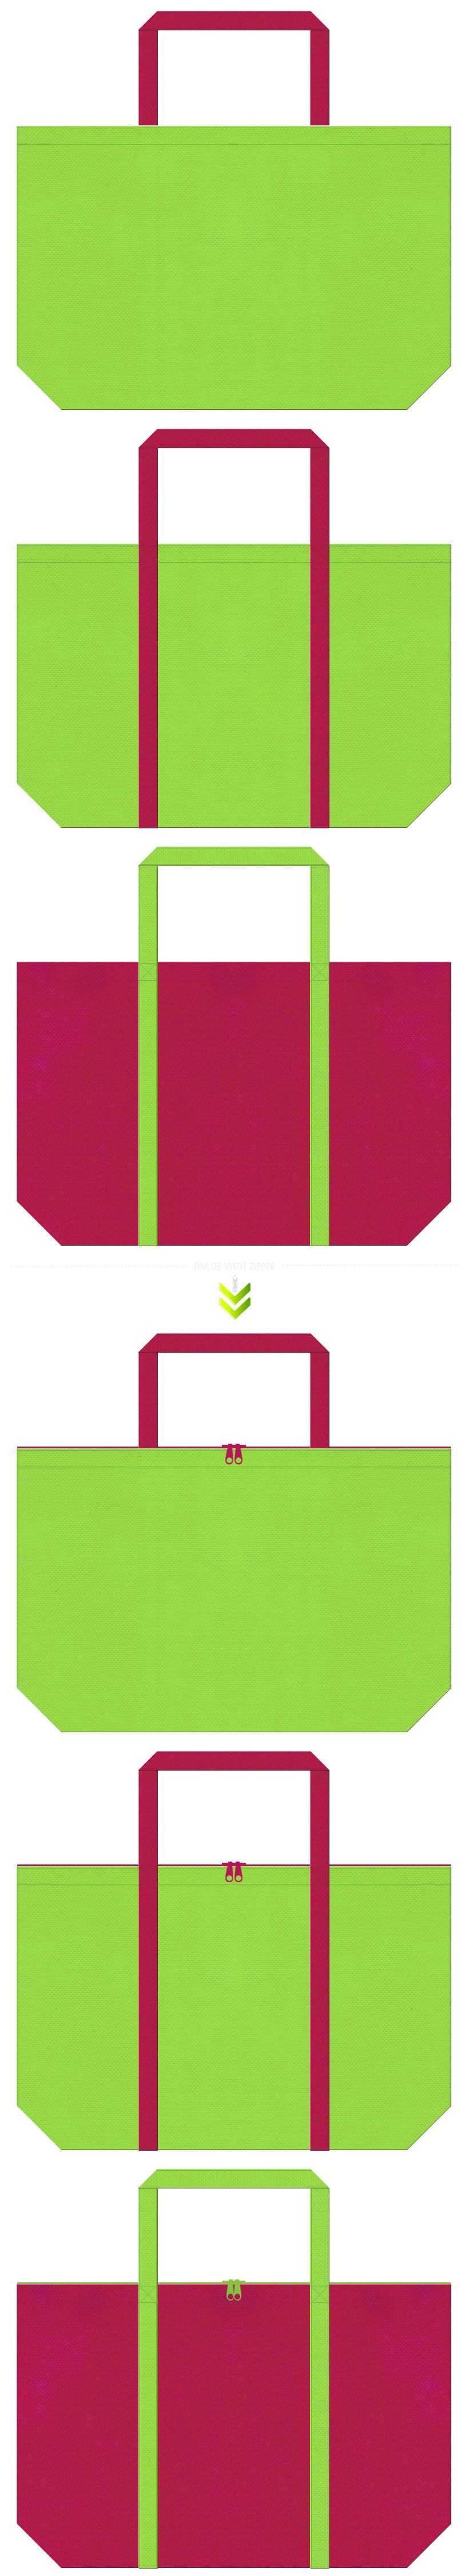 黄緑色と濃いピンク色の不織布エコバッグのデザイン。南国の鳥・フルーツカクテル・トロピカルのイメージにお奨めの配色です。